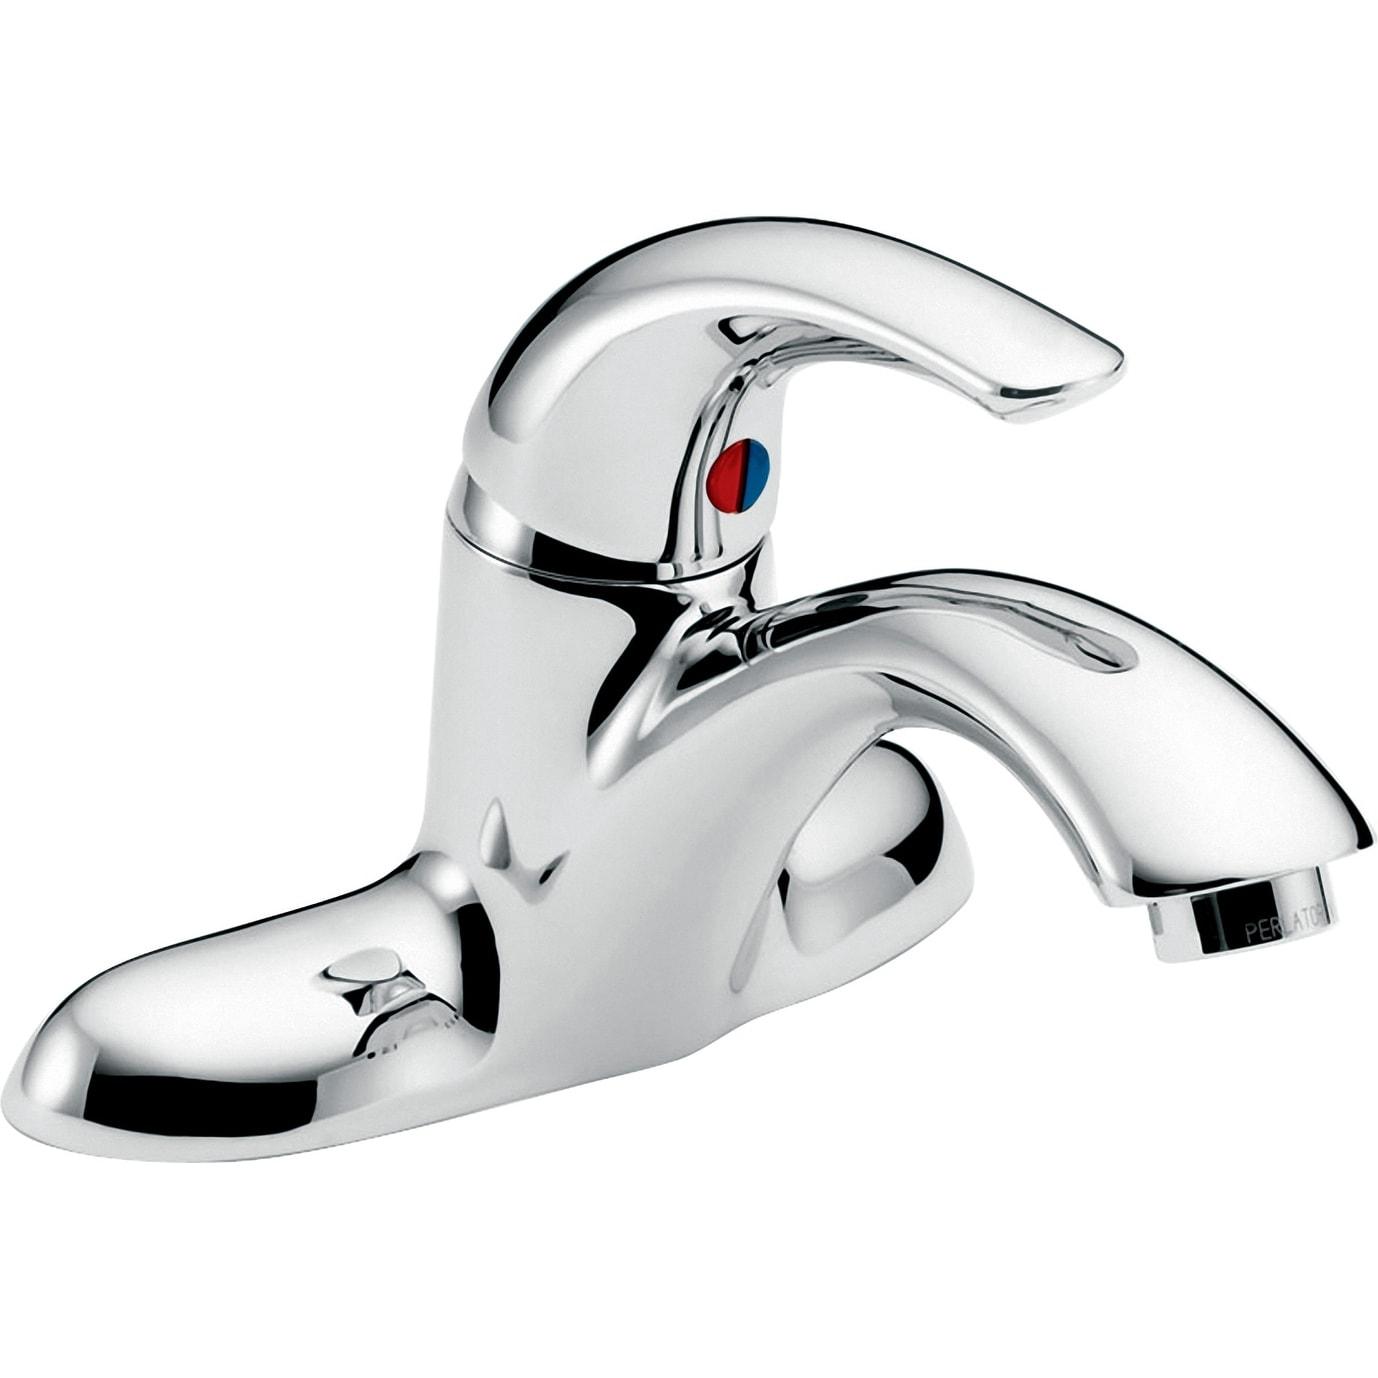 Delta Bathroom Faucets.Shop Delta 22c151 Single Handle 0 5gpm Bathroom Faucet With No Pop